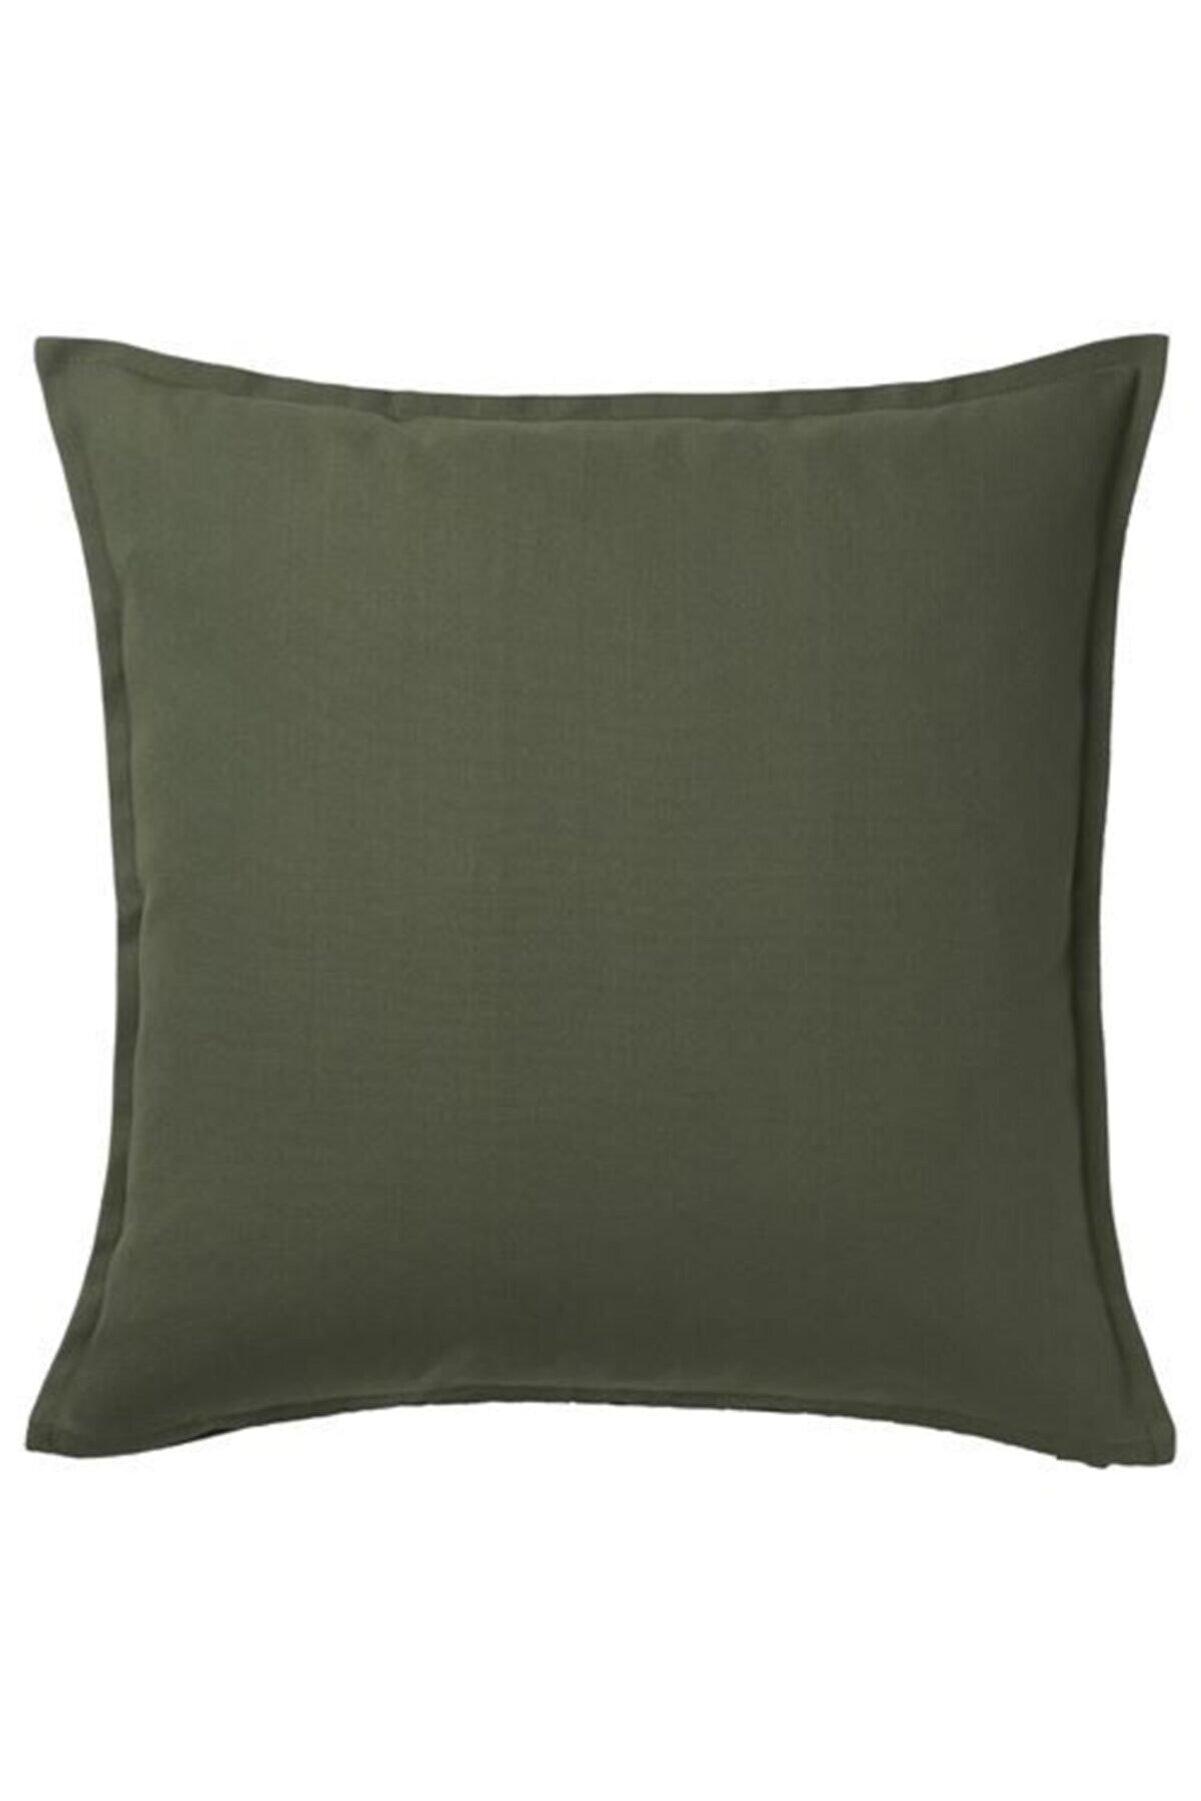 IKEA Minder Kırlent Kılıfı Meridyendukkan 50x50 Cm Haki Rengi Fermuarlı Yastık Kılıfı